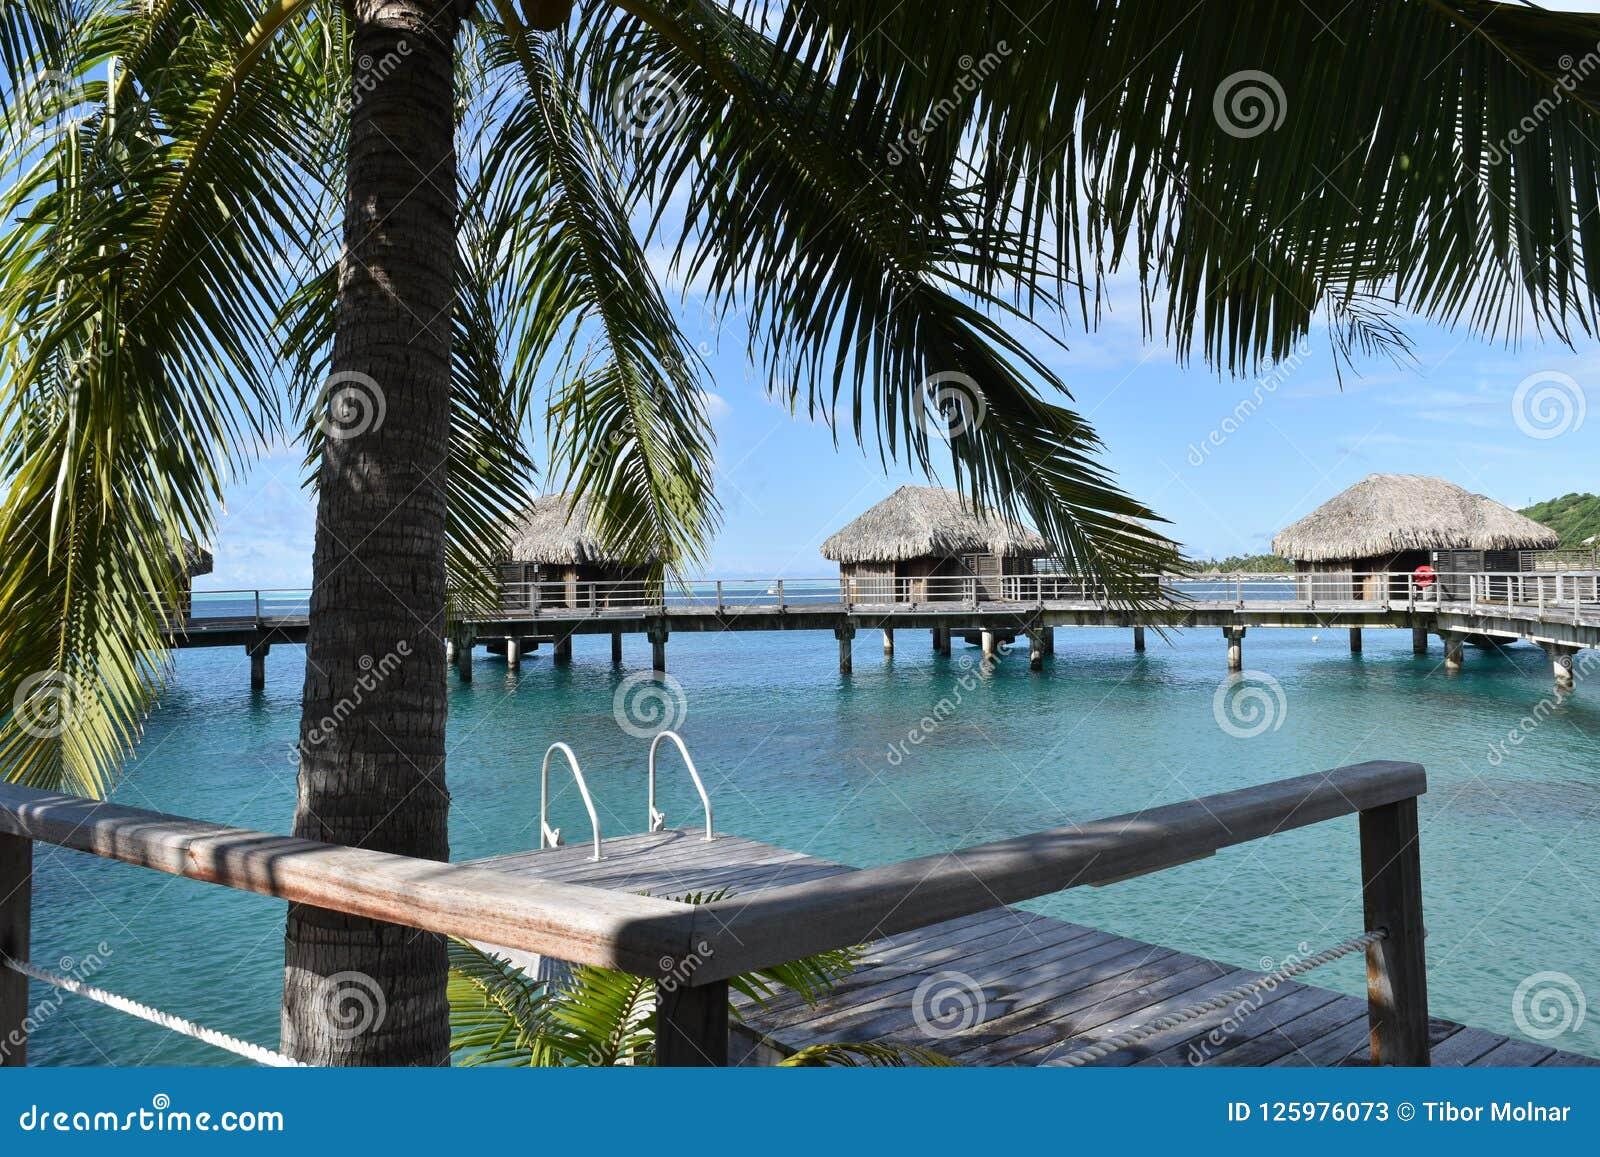 Tropical Water Huts Bungalows In Bora Bora Tahiti Idyllic